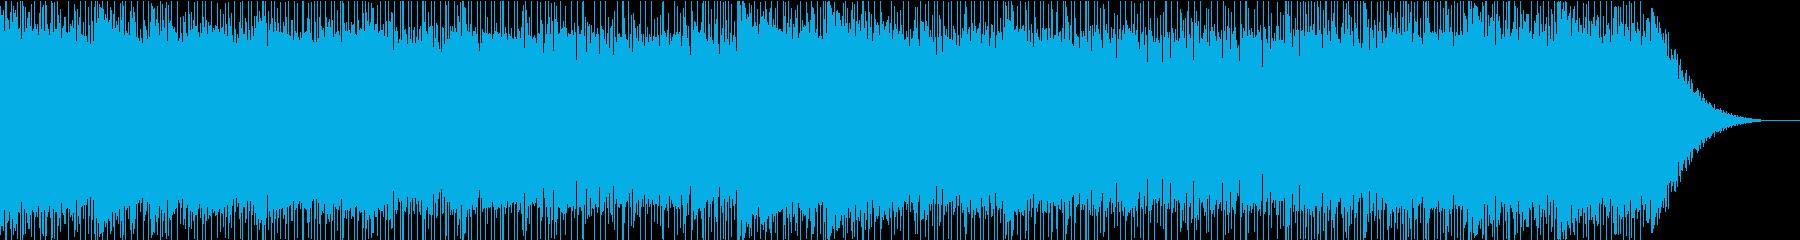 修行をイメージした中国風ロックの再生済みの波形